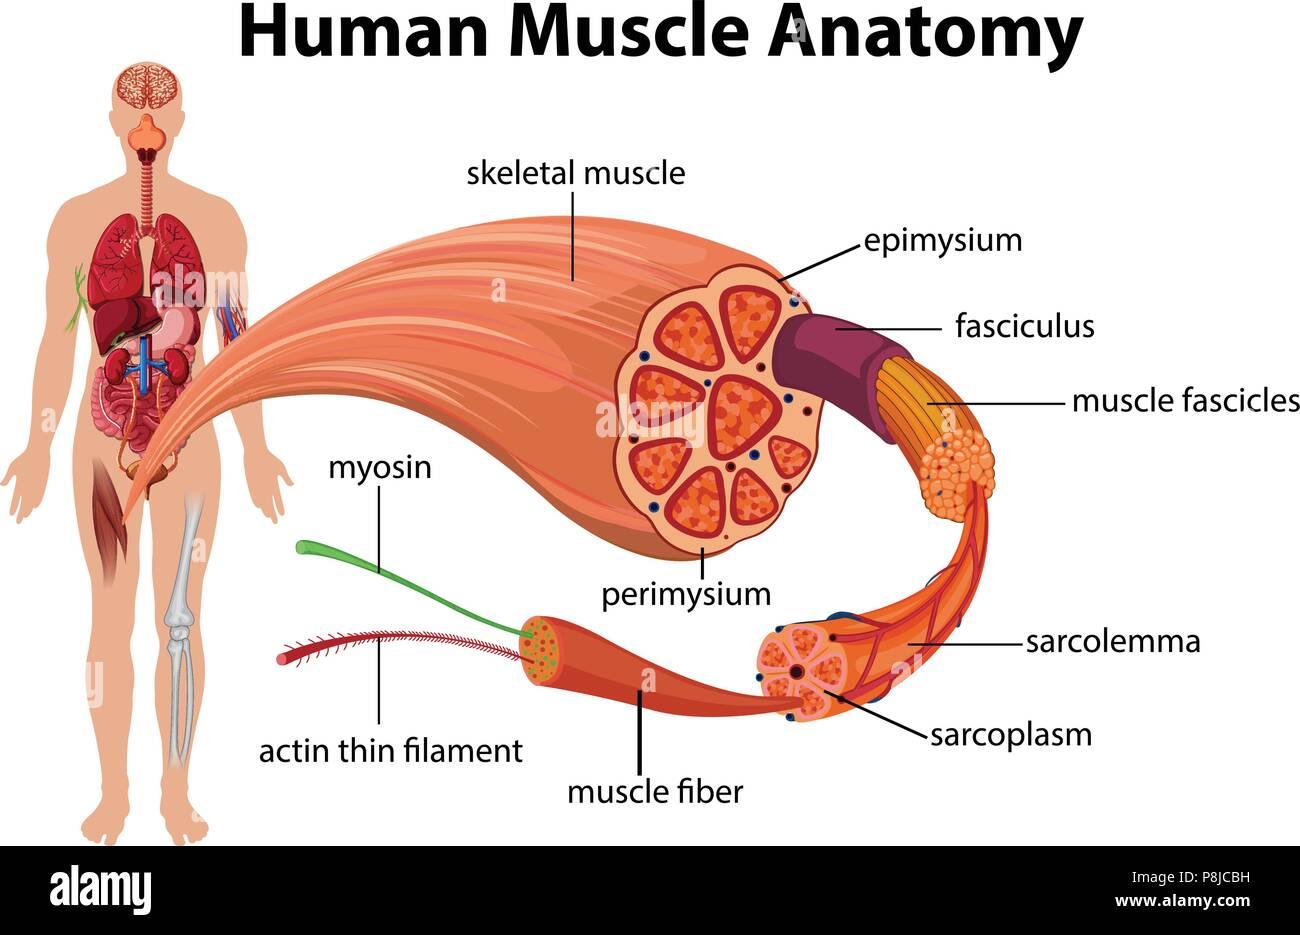 Schéma de l'anatomie musculaire humaine illustration Photo Stock